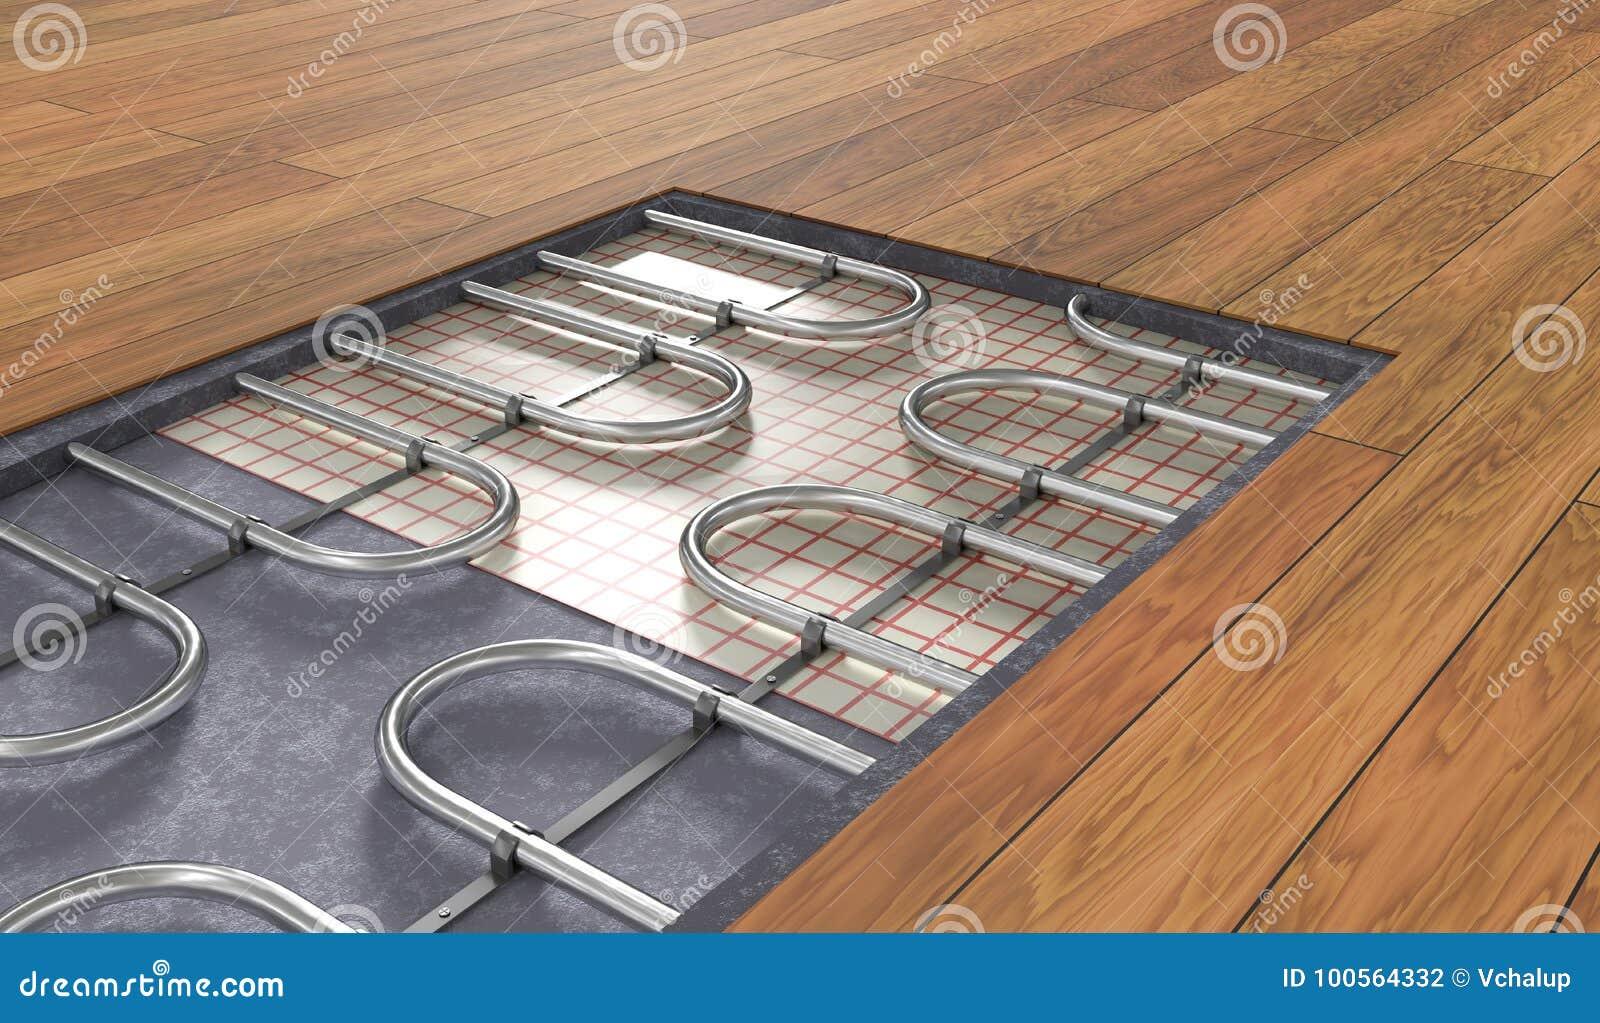 Underfloor Heating System Under Wooden Floor. 9D Rendered ...